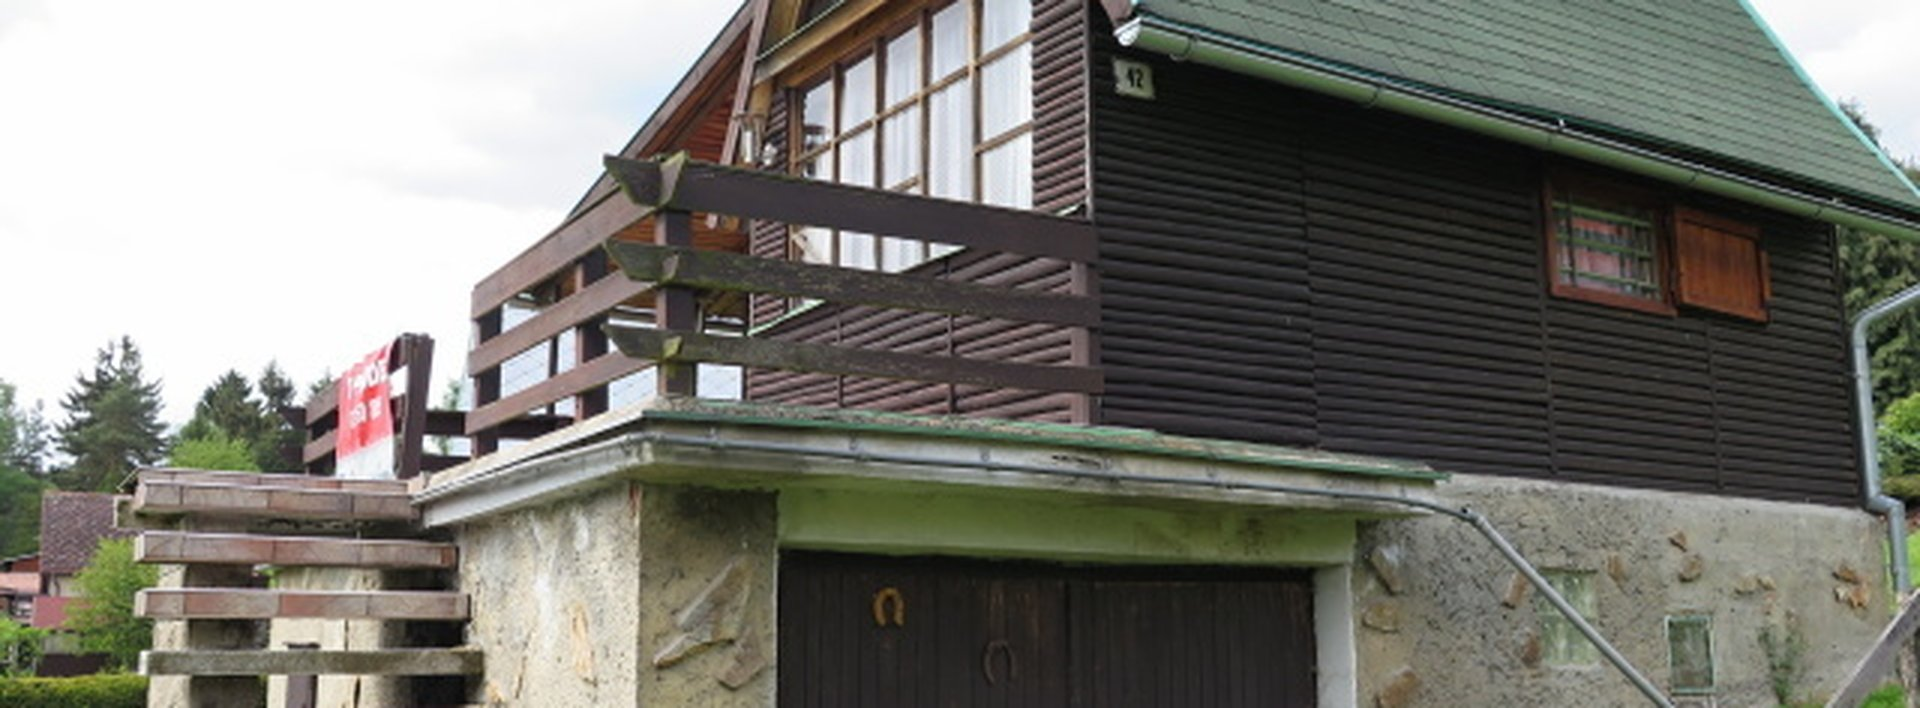 Rekreační chata nedaleko lesa, Ev.č.: N46303